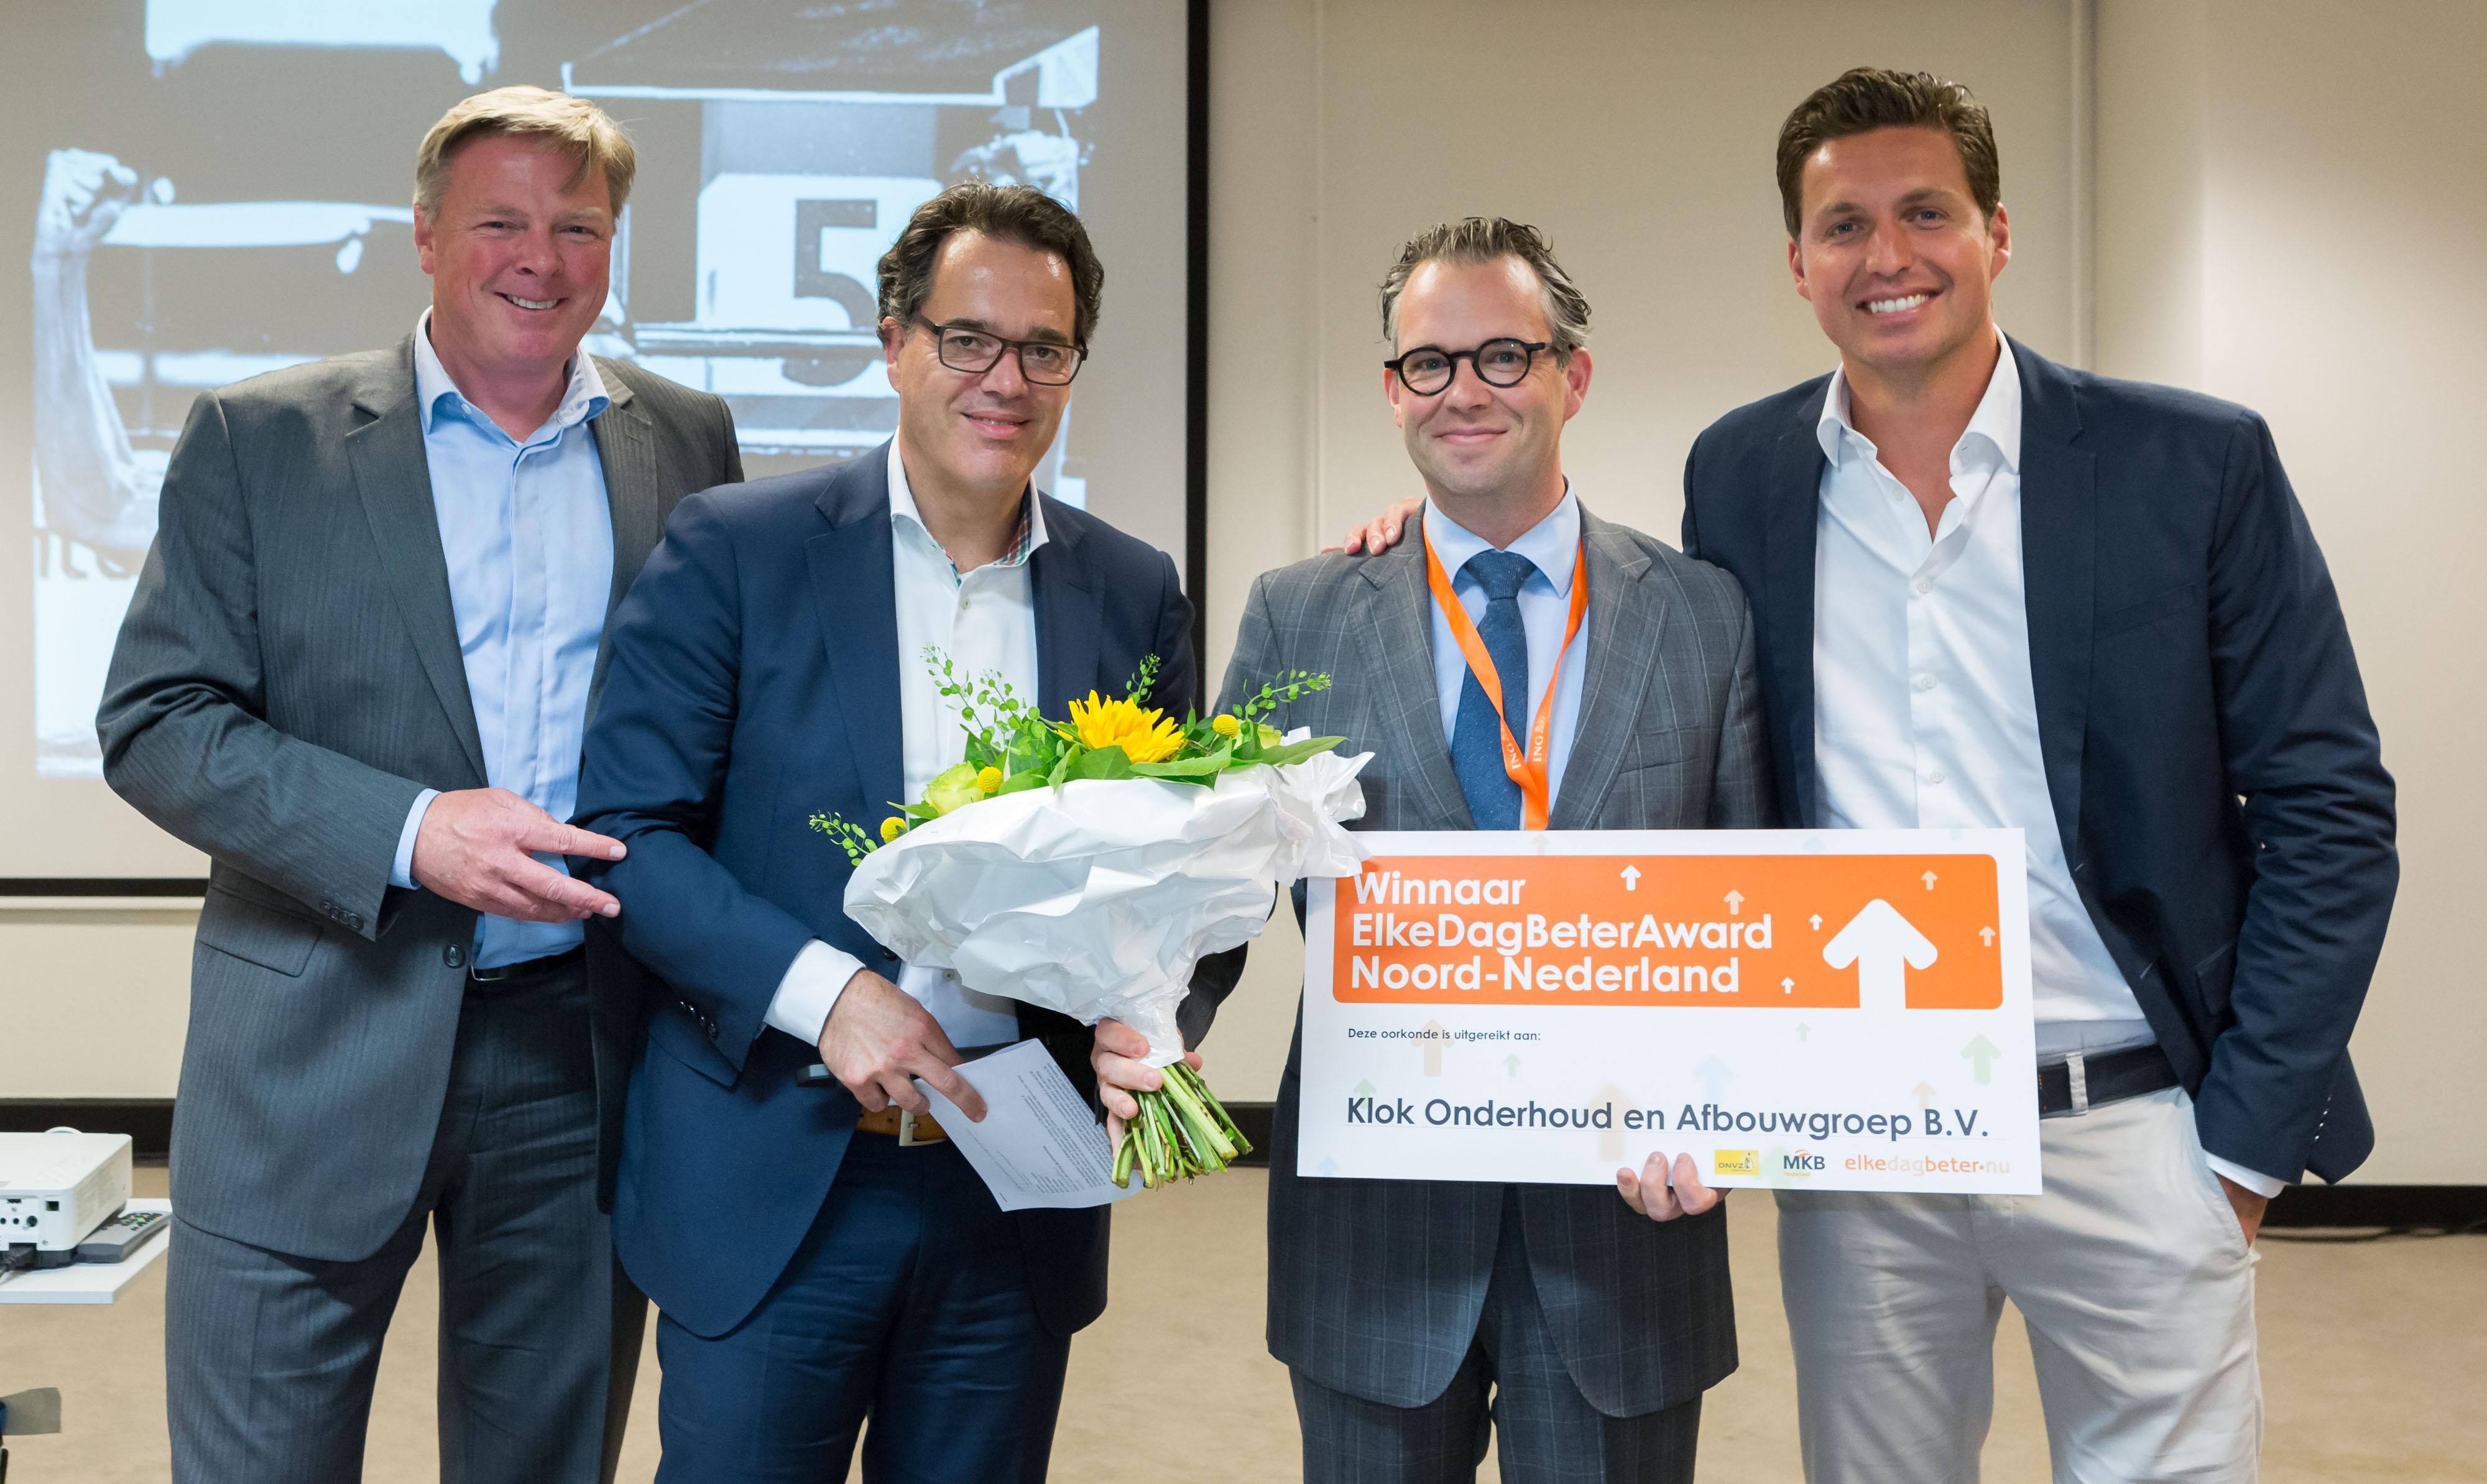 Klok Onderhoud- & Afbouwgroep BV  in Assen is de Noordelijke kandidaat voor de verkiezing van Vitaalste Bedrijf van Nederland. Ten Have Tekst schreef hierover een persbericht en verzond deze naar vele tientallen media en journalisten in Noord-Nederland en voor de bouwsector.